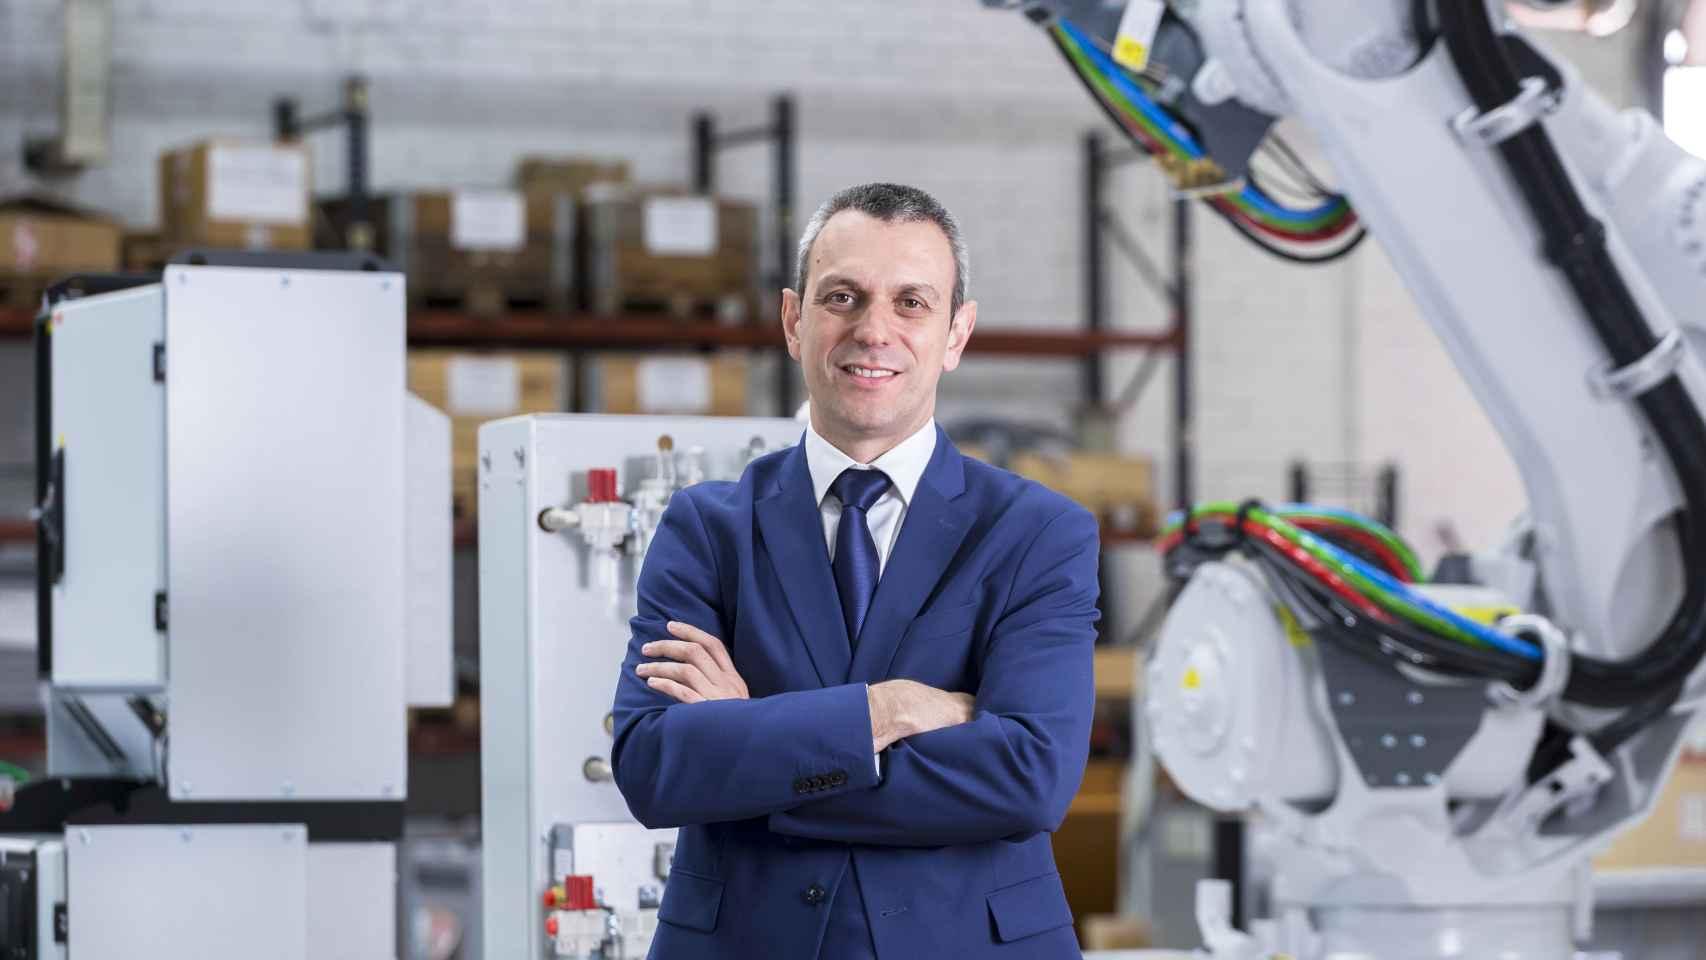 Sergio Martín, director general y jefe de Robótica y Automatización de ABB España y Portugal.